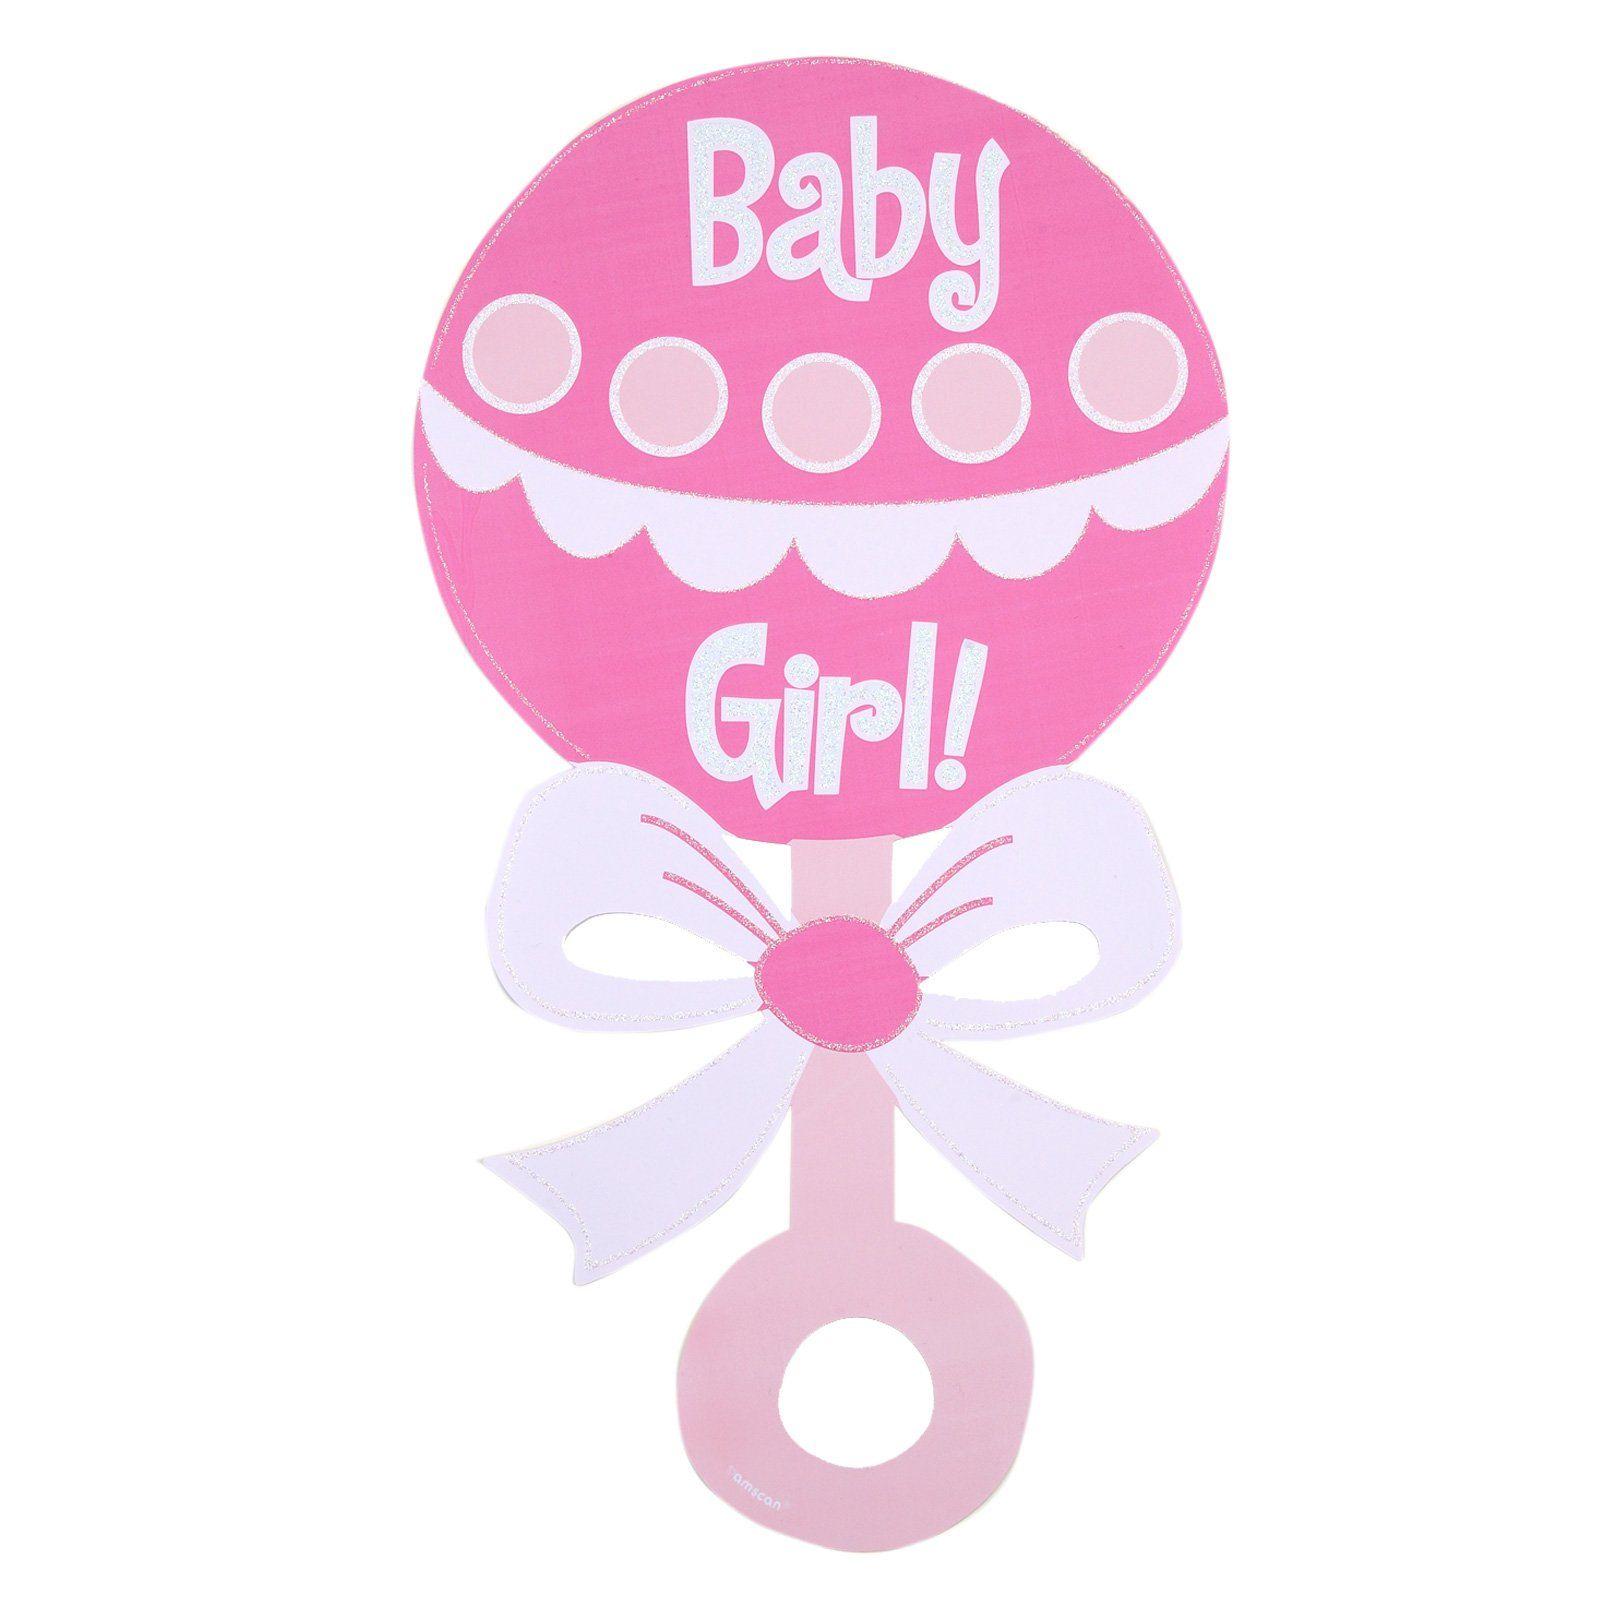 image result for girl baby shower clip art artwork pinterest rh pinterest com baby rattle clip art black and white baby rattle clip art images